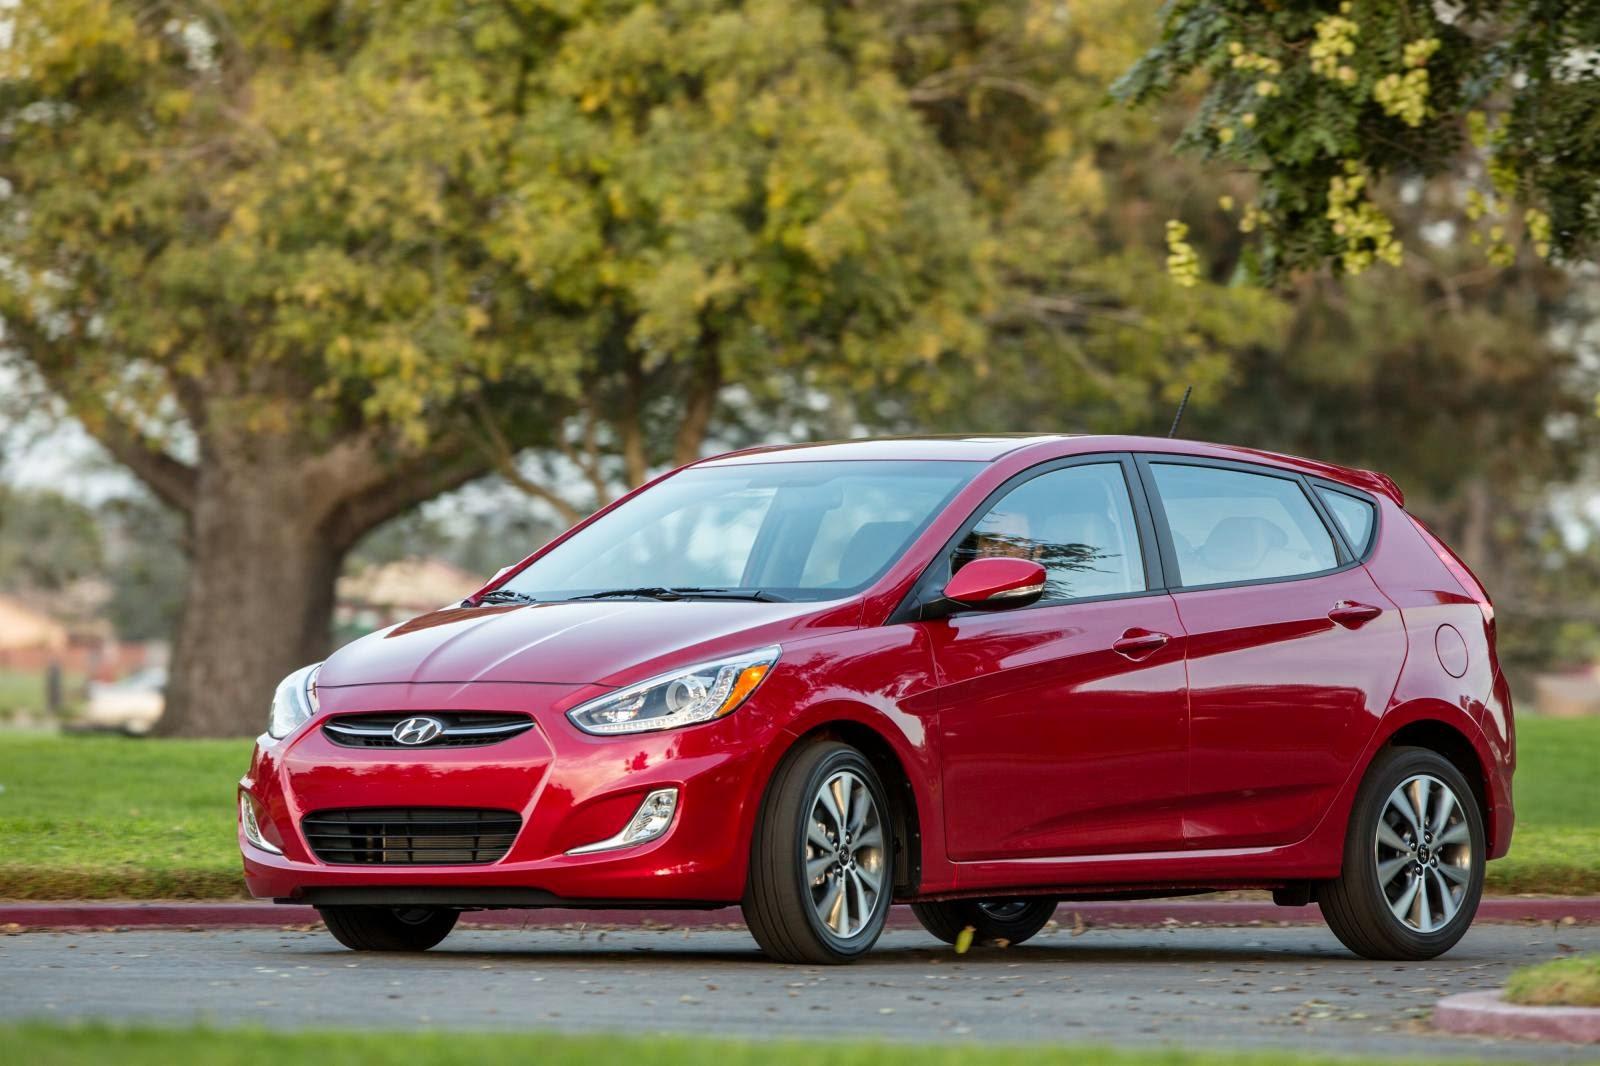 đánh giá xe chiếc xe Hyundai Accent 5 cửa 2016 oto của năm cùng các người hiểu biêt